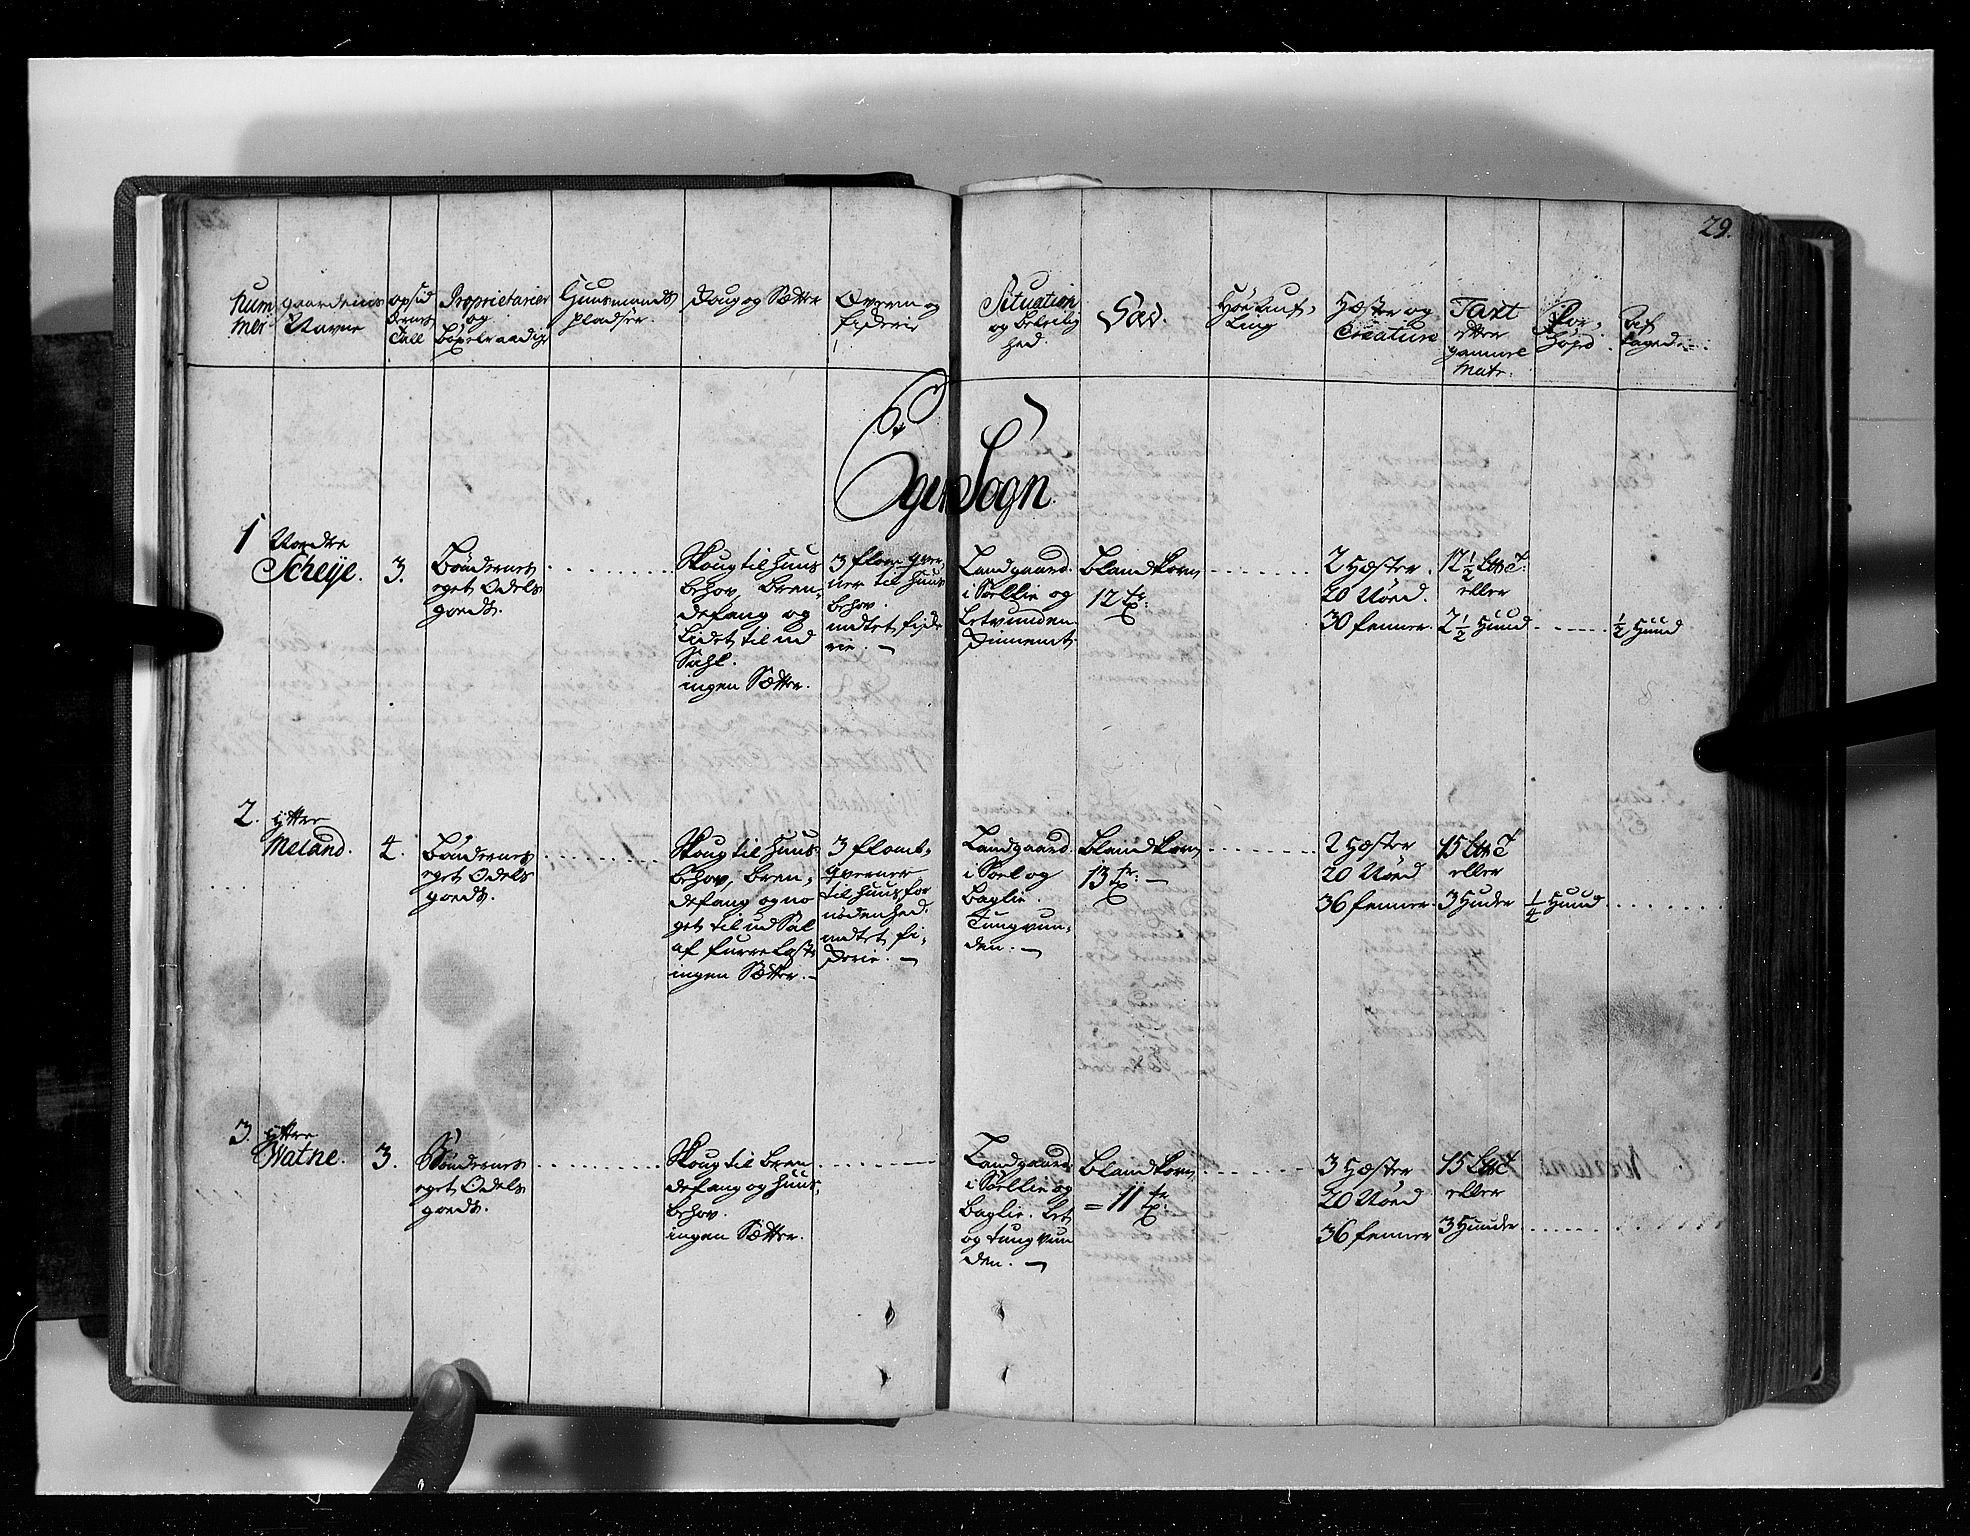 RA, Rentekammeret inntil 1814, Realistisk ordnet avdeling, N/Nb/Nbf/L0129: Lista eksaminasjonsprotokoll, 1723, s. 28b-29a